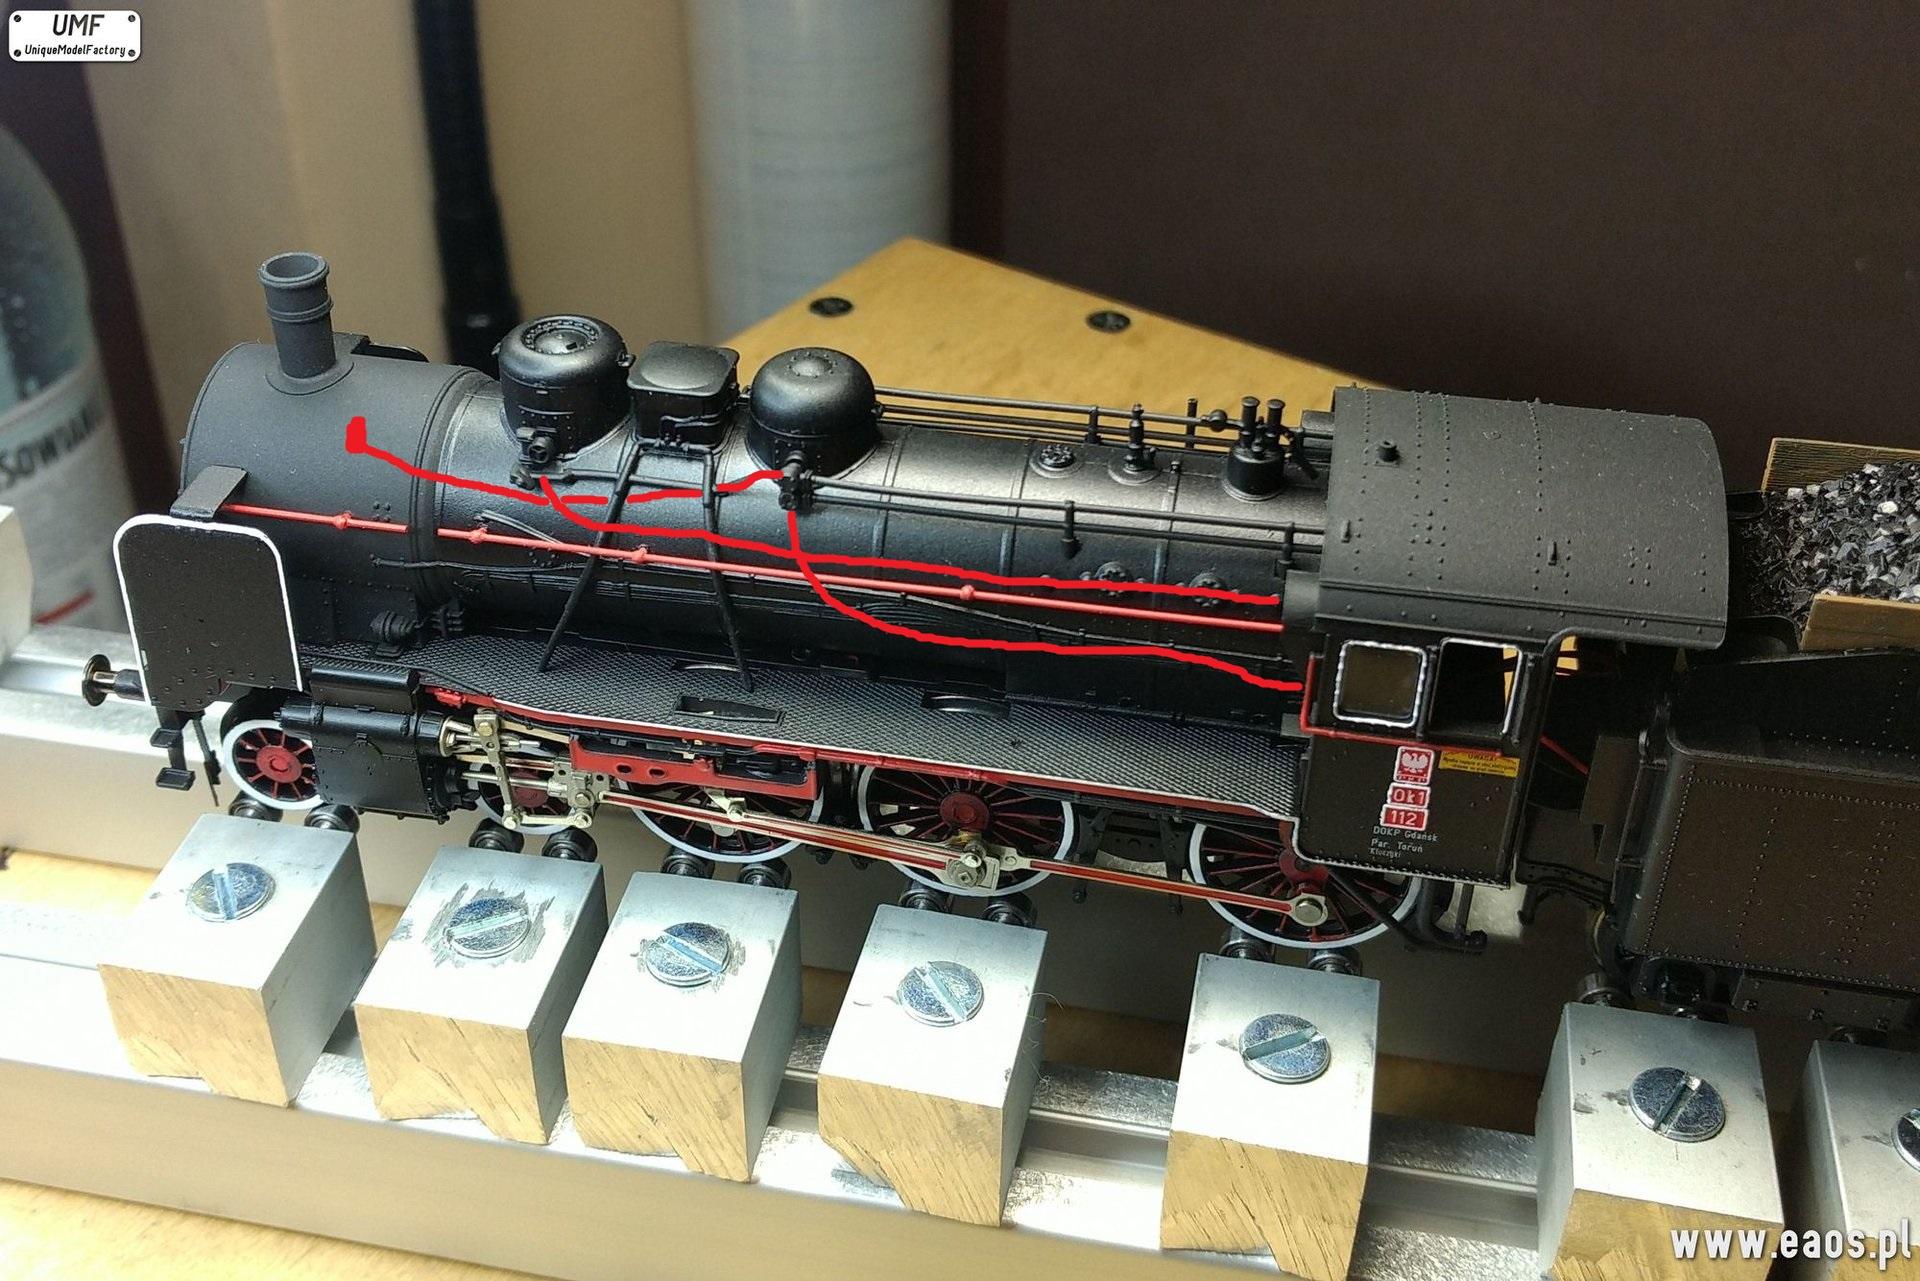 Ok1 model UMF 2.JPG